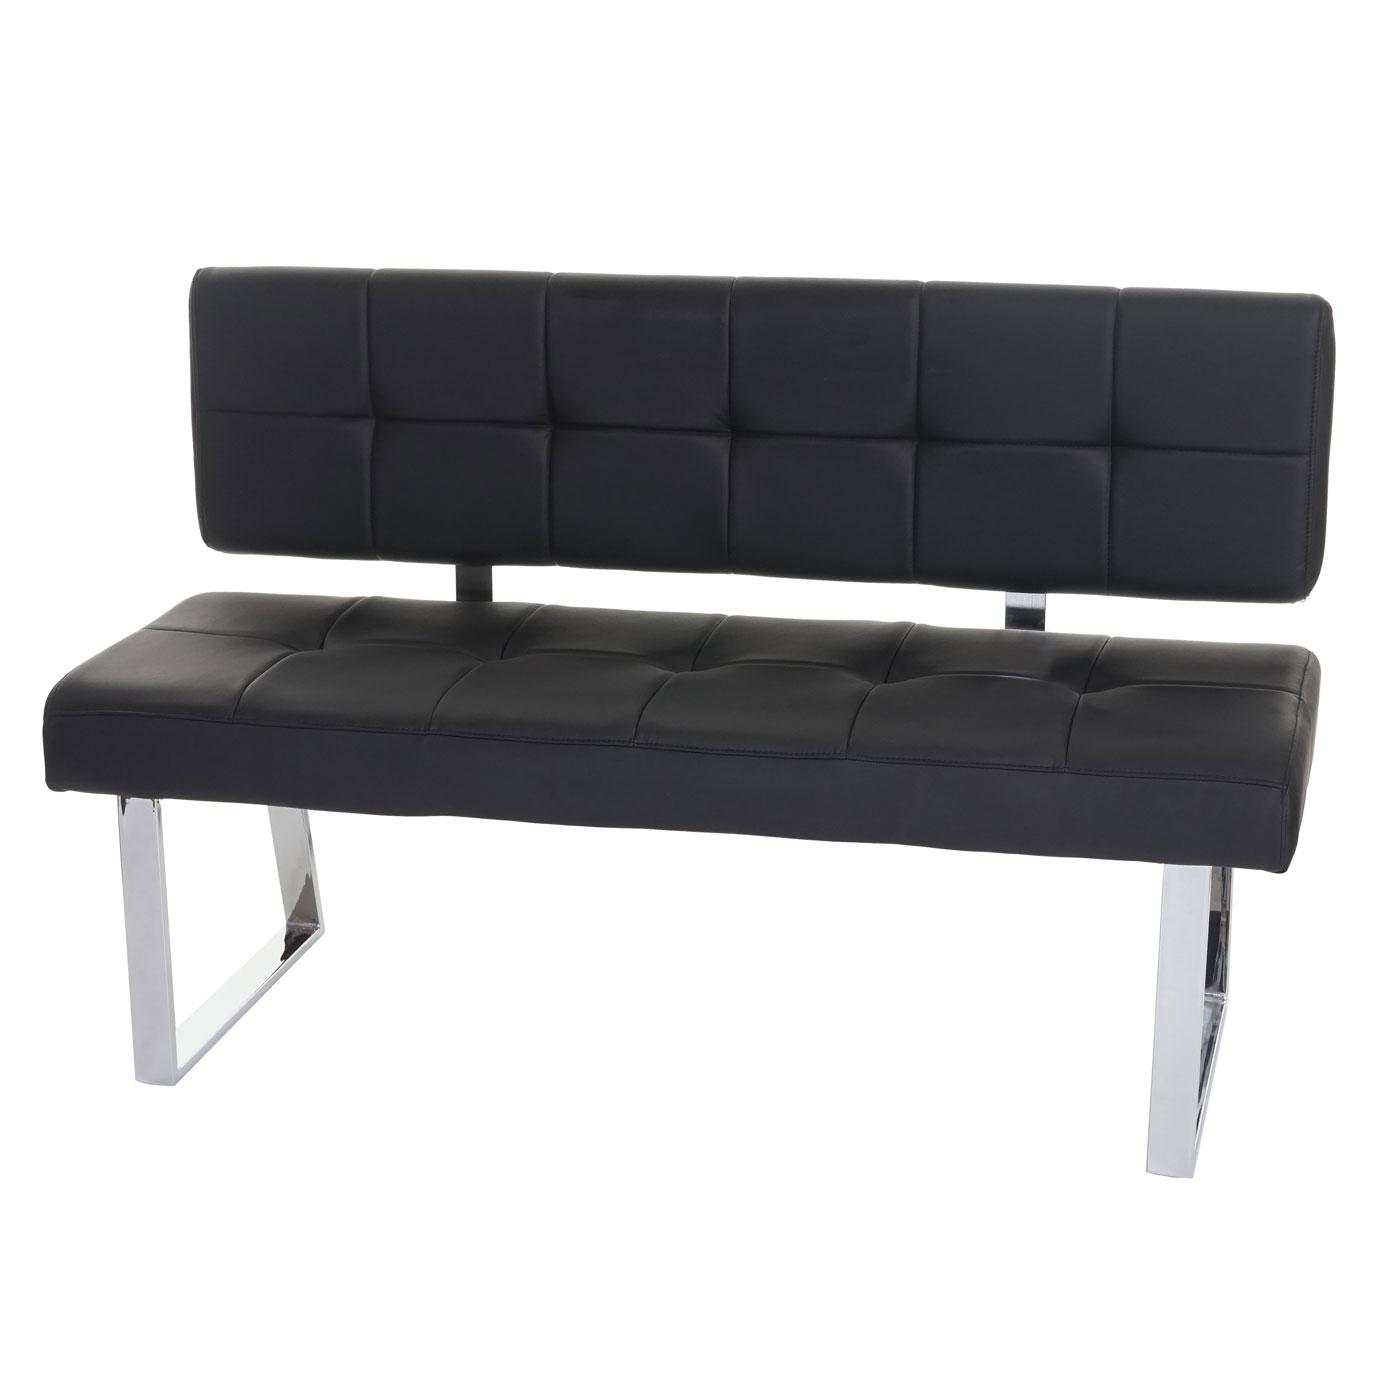 sitzbank konya polsterbank 140cm kunstleder schwarz mit r ckenlehne ebay. Black Bedroom Furniture Sets. Home Design Ideas